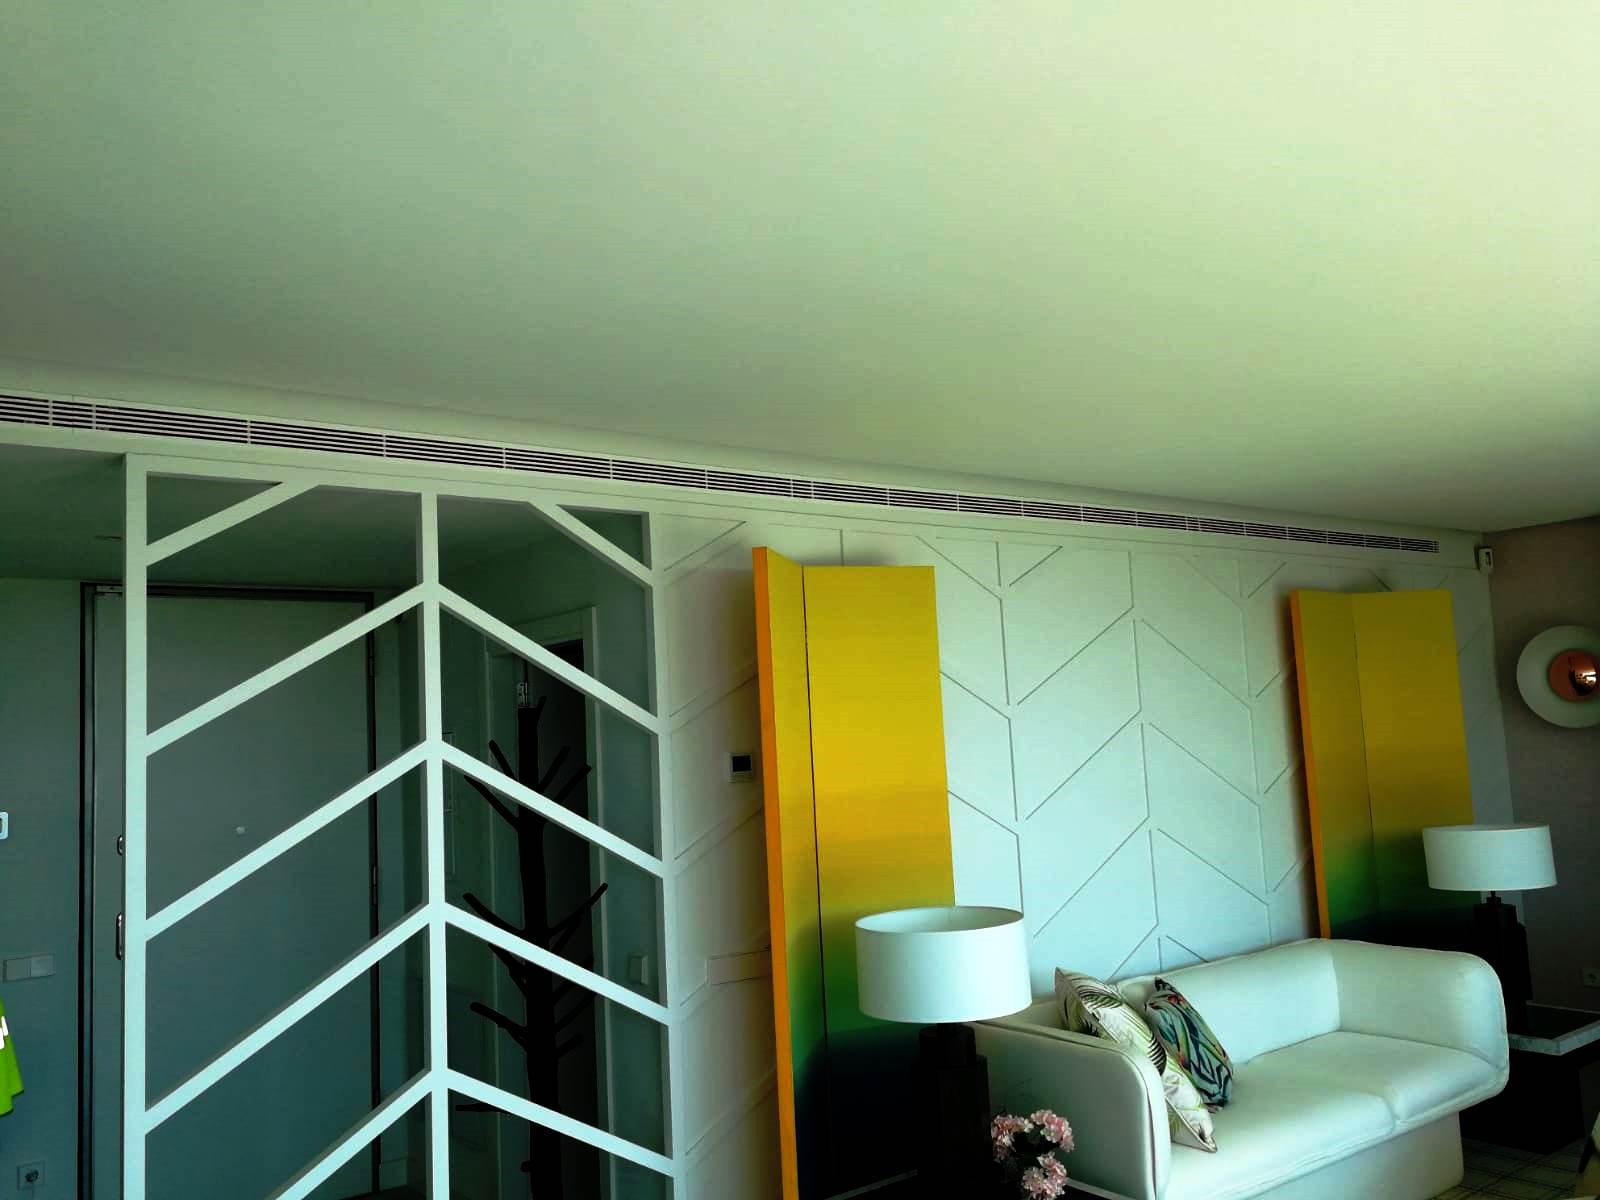 Promoción de Aerotermia para 68 viviendas (Málaga)